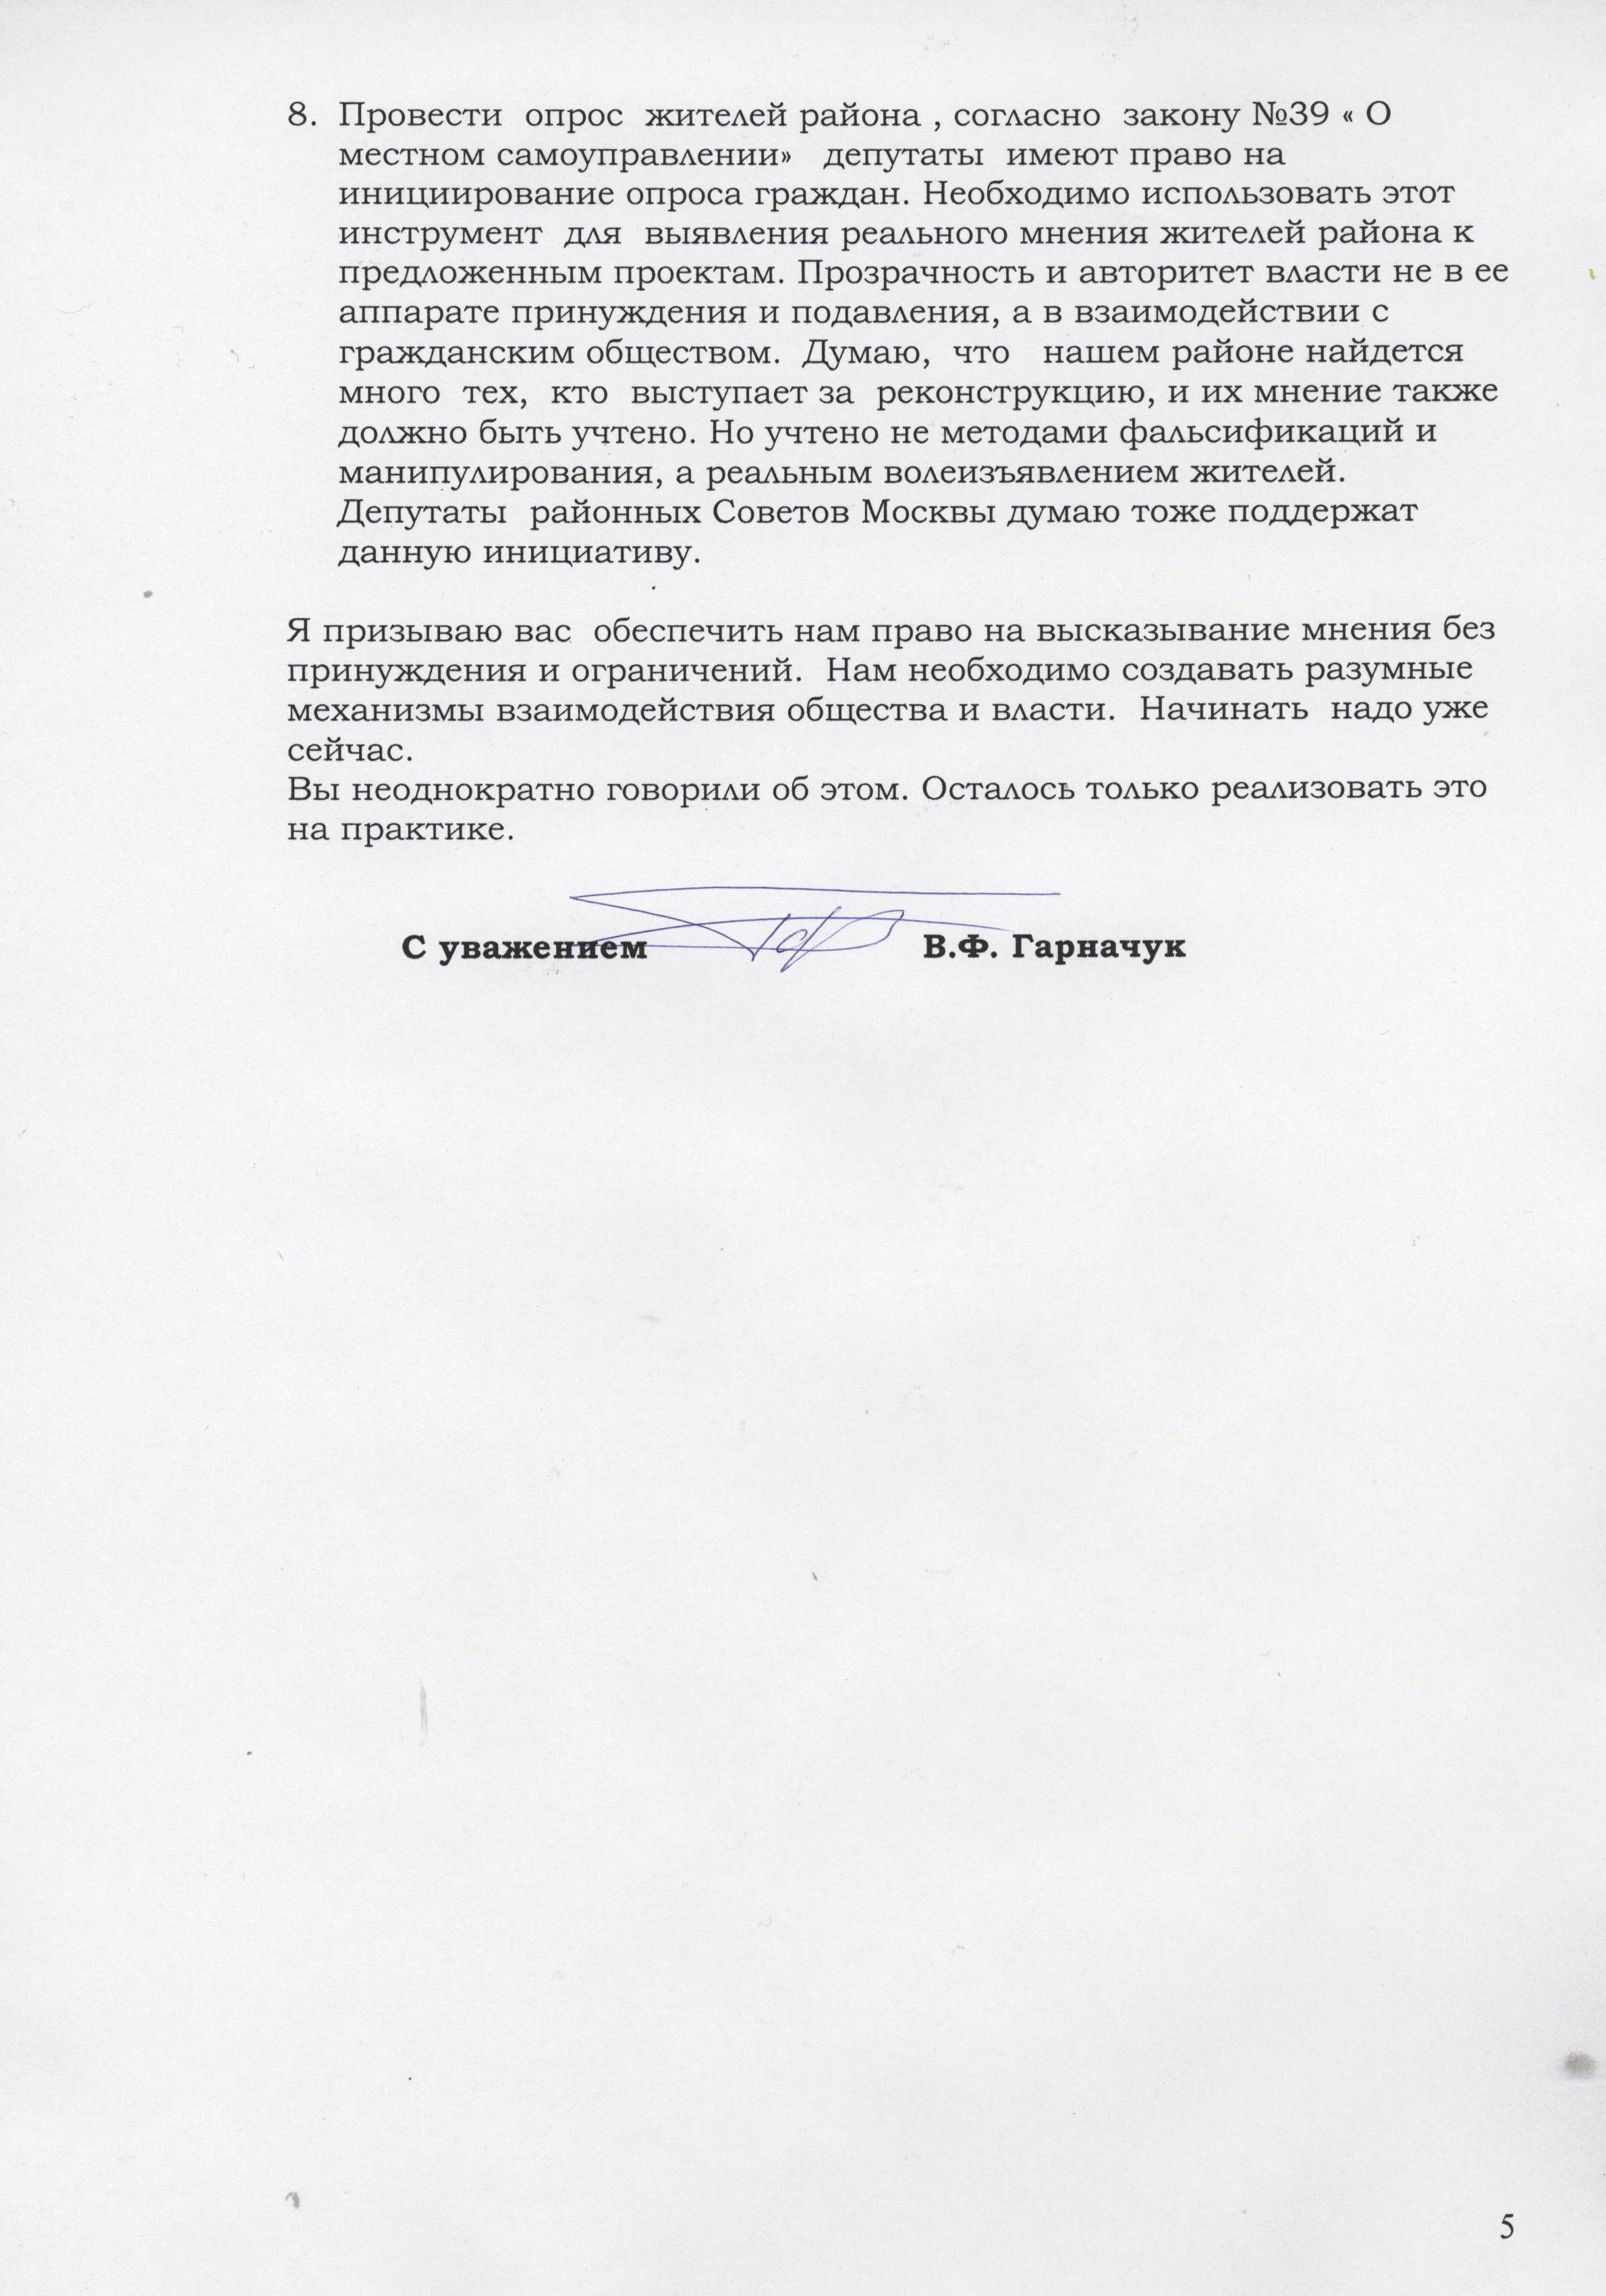 обращение к собянину 04.04.13 008